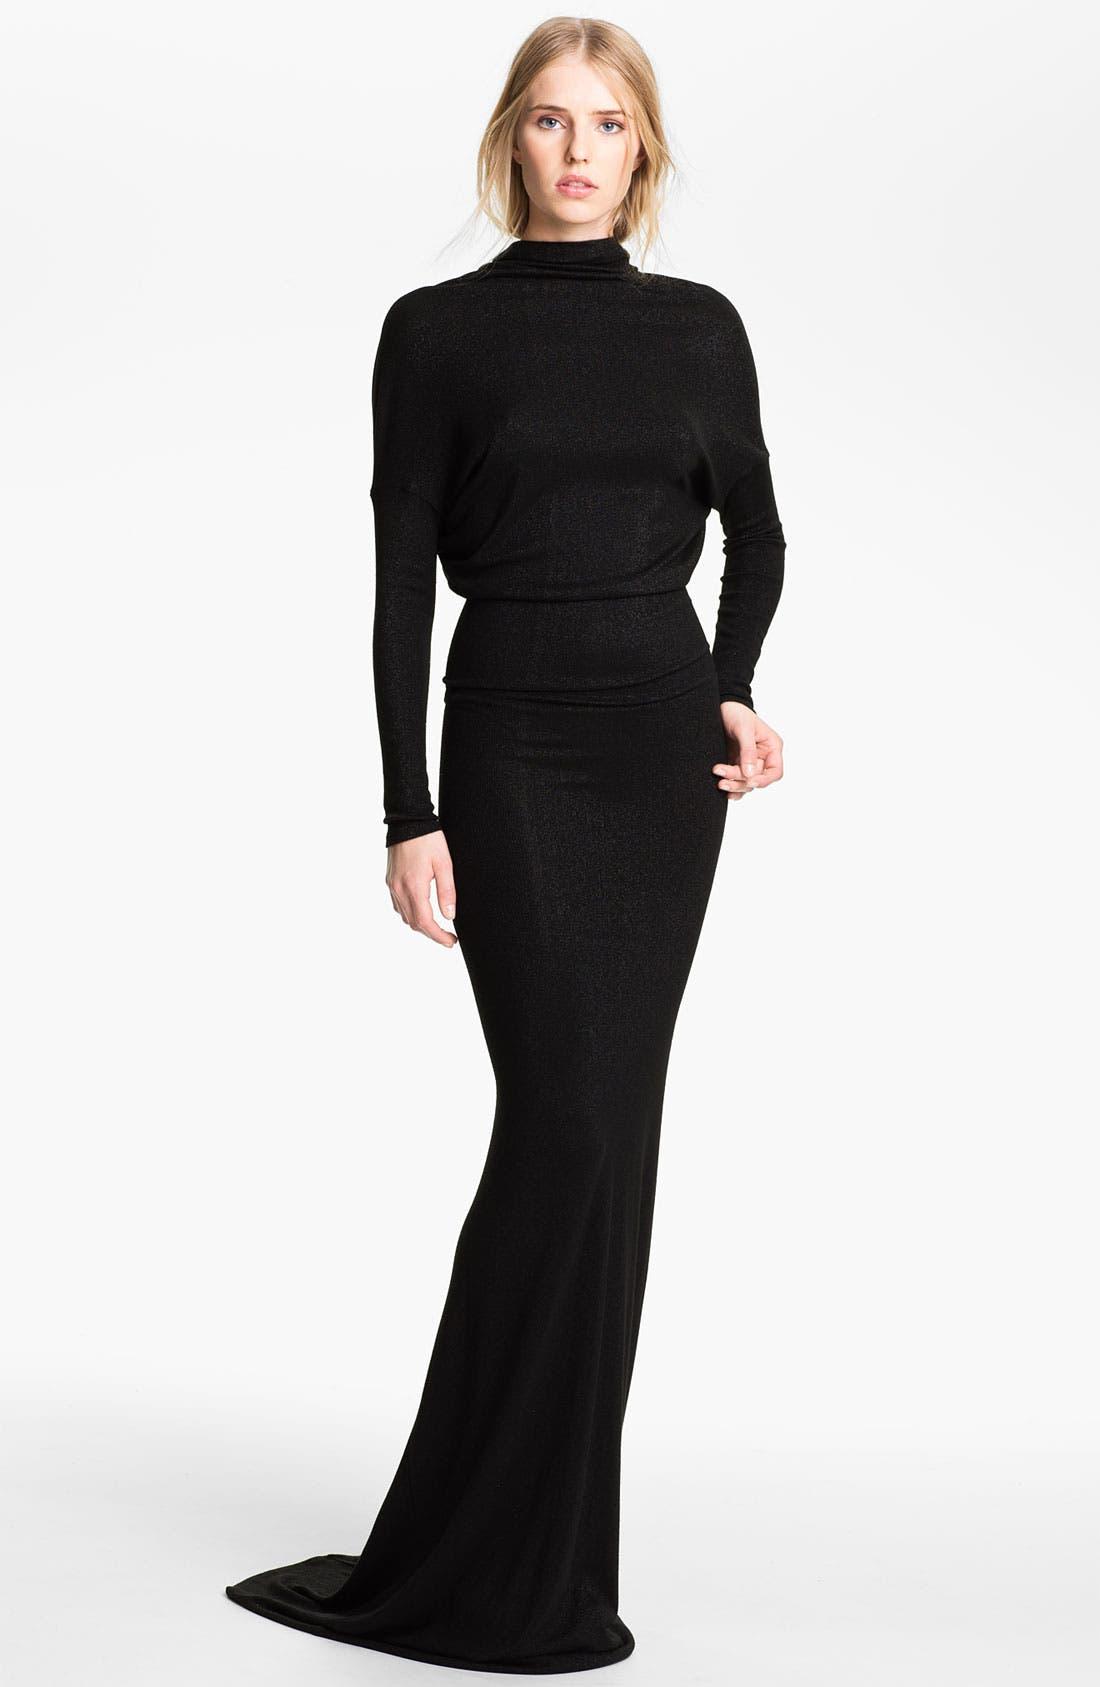 Main Image - L'AGENCE Drape Back Lamé Knit Gown